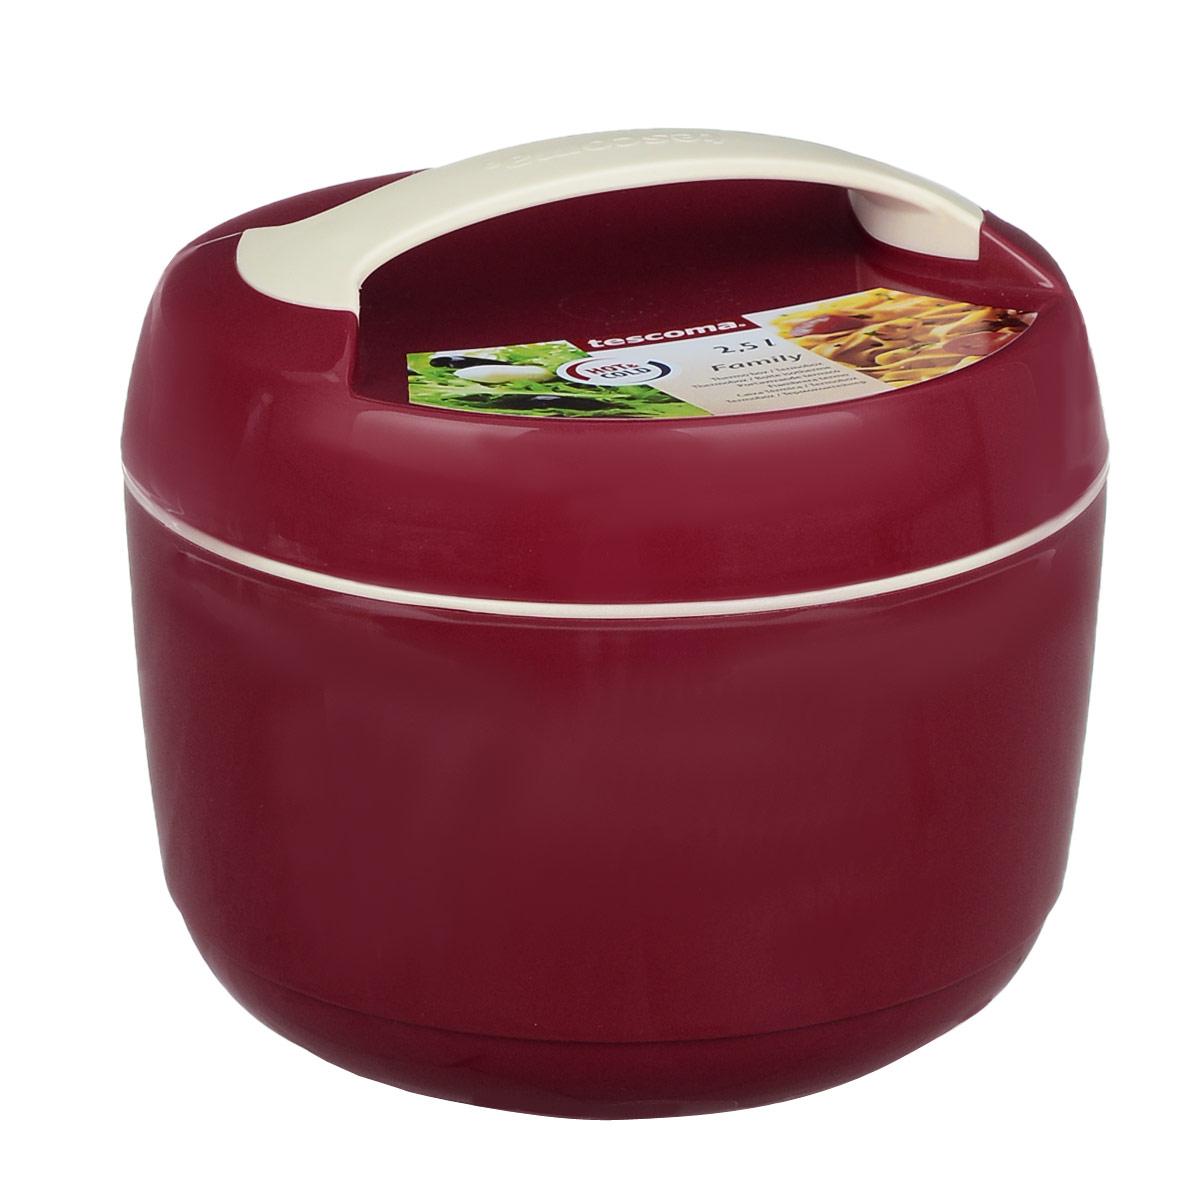 Термоконтейнер Tescoma Family, цвет: красный, 2,5 лVT-1520(SR)Термоконтейнер Tescoma Family изготовлен из высококачественного пищевого пластика. Прекрасно подходит для длительного хранения и переноски теплой и холодной пищи. Двойные стенки контейнера с высокоэффективным теплоизоляционным заполнением сохраняют пищу теплой или холодной в течение нескольких часов. При обычном использовании контейнер не бьющийся. Крышка плотно и удобно закручивается. Для комфортной переноски предусмотрена ручка. В комплекте имеется специальная емкость объемом 1 л для отдельного хранения закусок и гарнира. Емкость удобно помещается внутрь контейнера. Контейнер нельзя мыть в посудомоечной машине, пластиковая емкость с крышкой пригодна для мытья в посудомоечной машине. Объем контейнера: 2,5 л. Диаметр контейнера: 22 см. Высота контейнера: 17 см. Объем емкости: 1 л. Диаметр емкости: 19 см. Высота стенки емкости: 4,5 см.